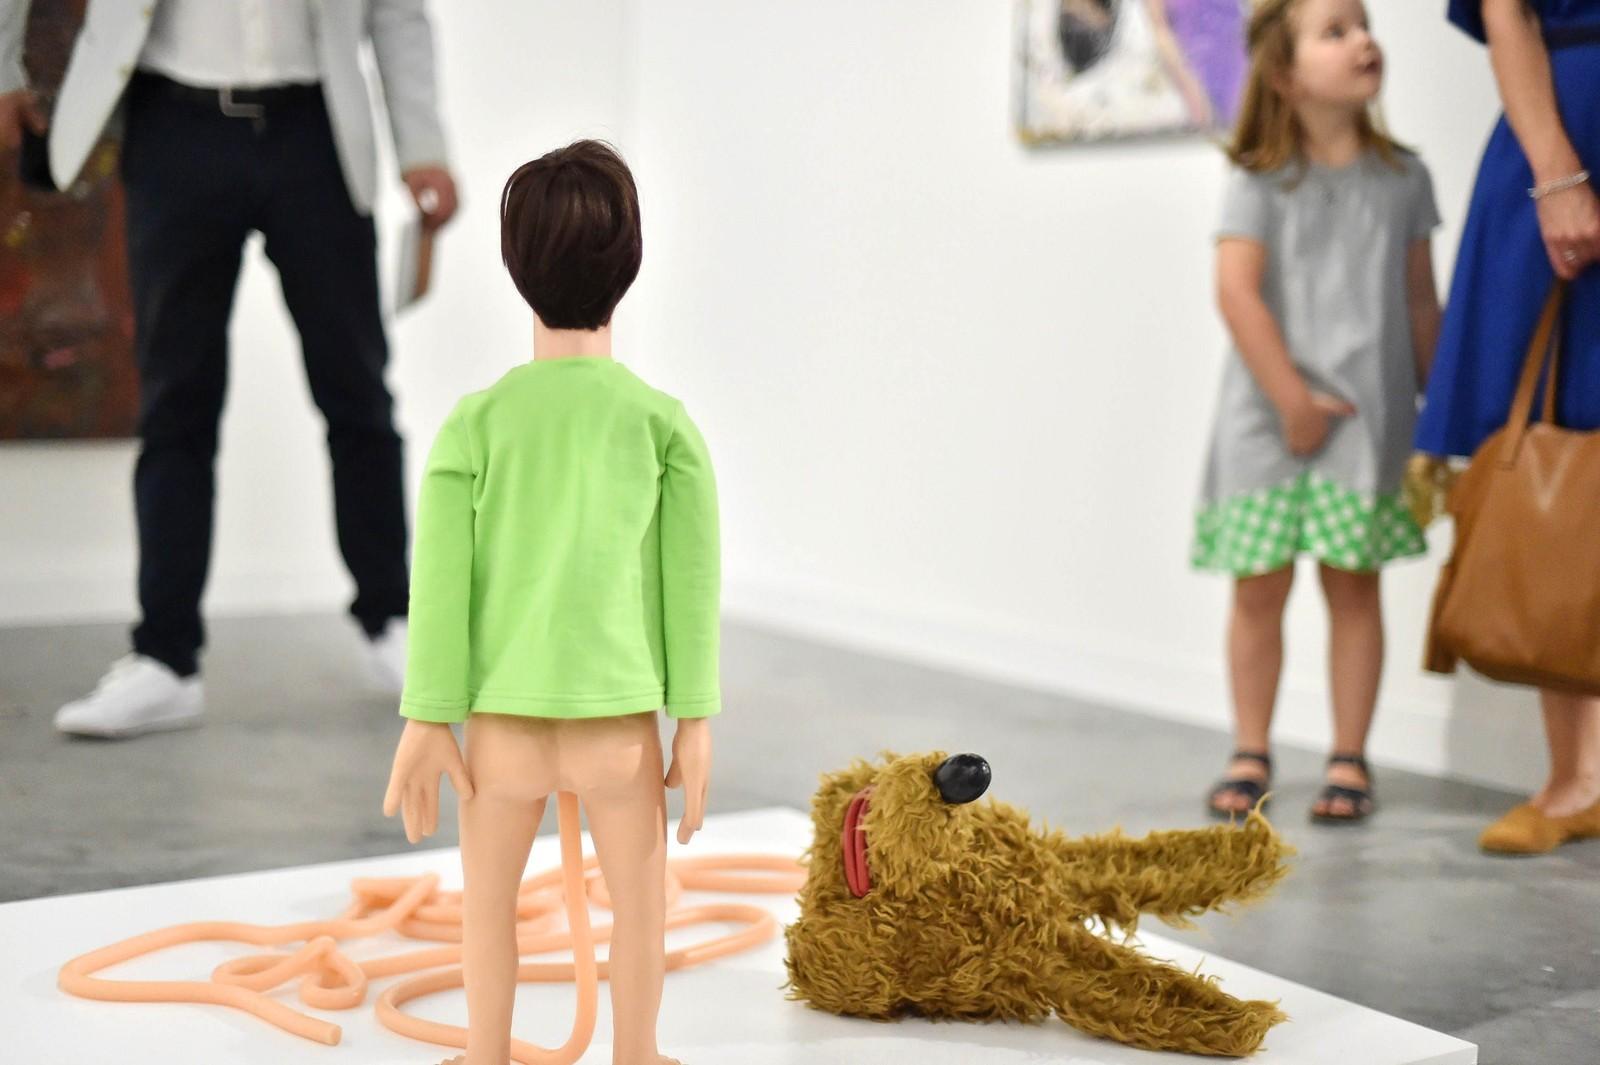 Art Basel, en internasjonal messe for samtidskunst. Dette bildet er fra Miami i USA.